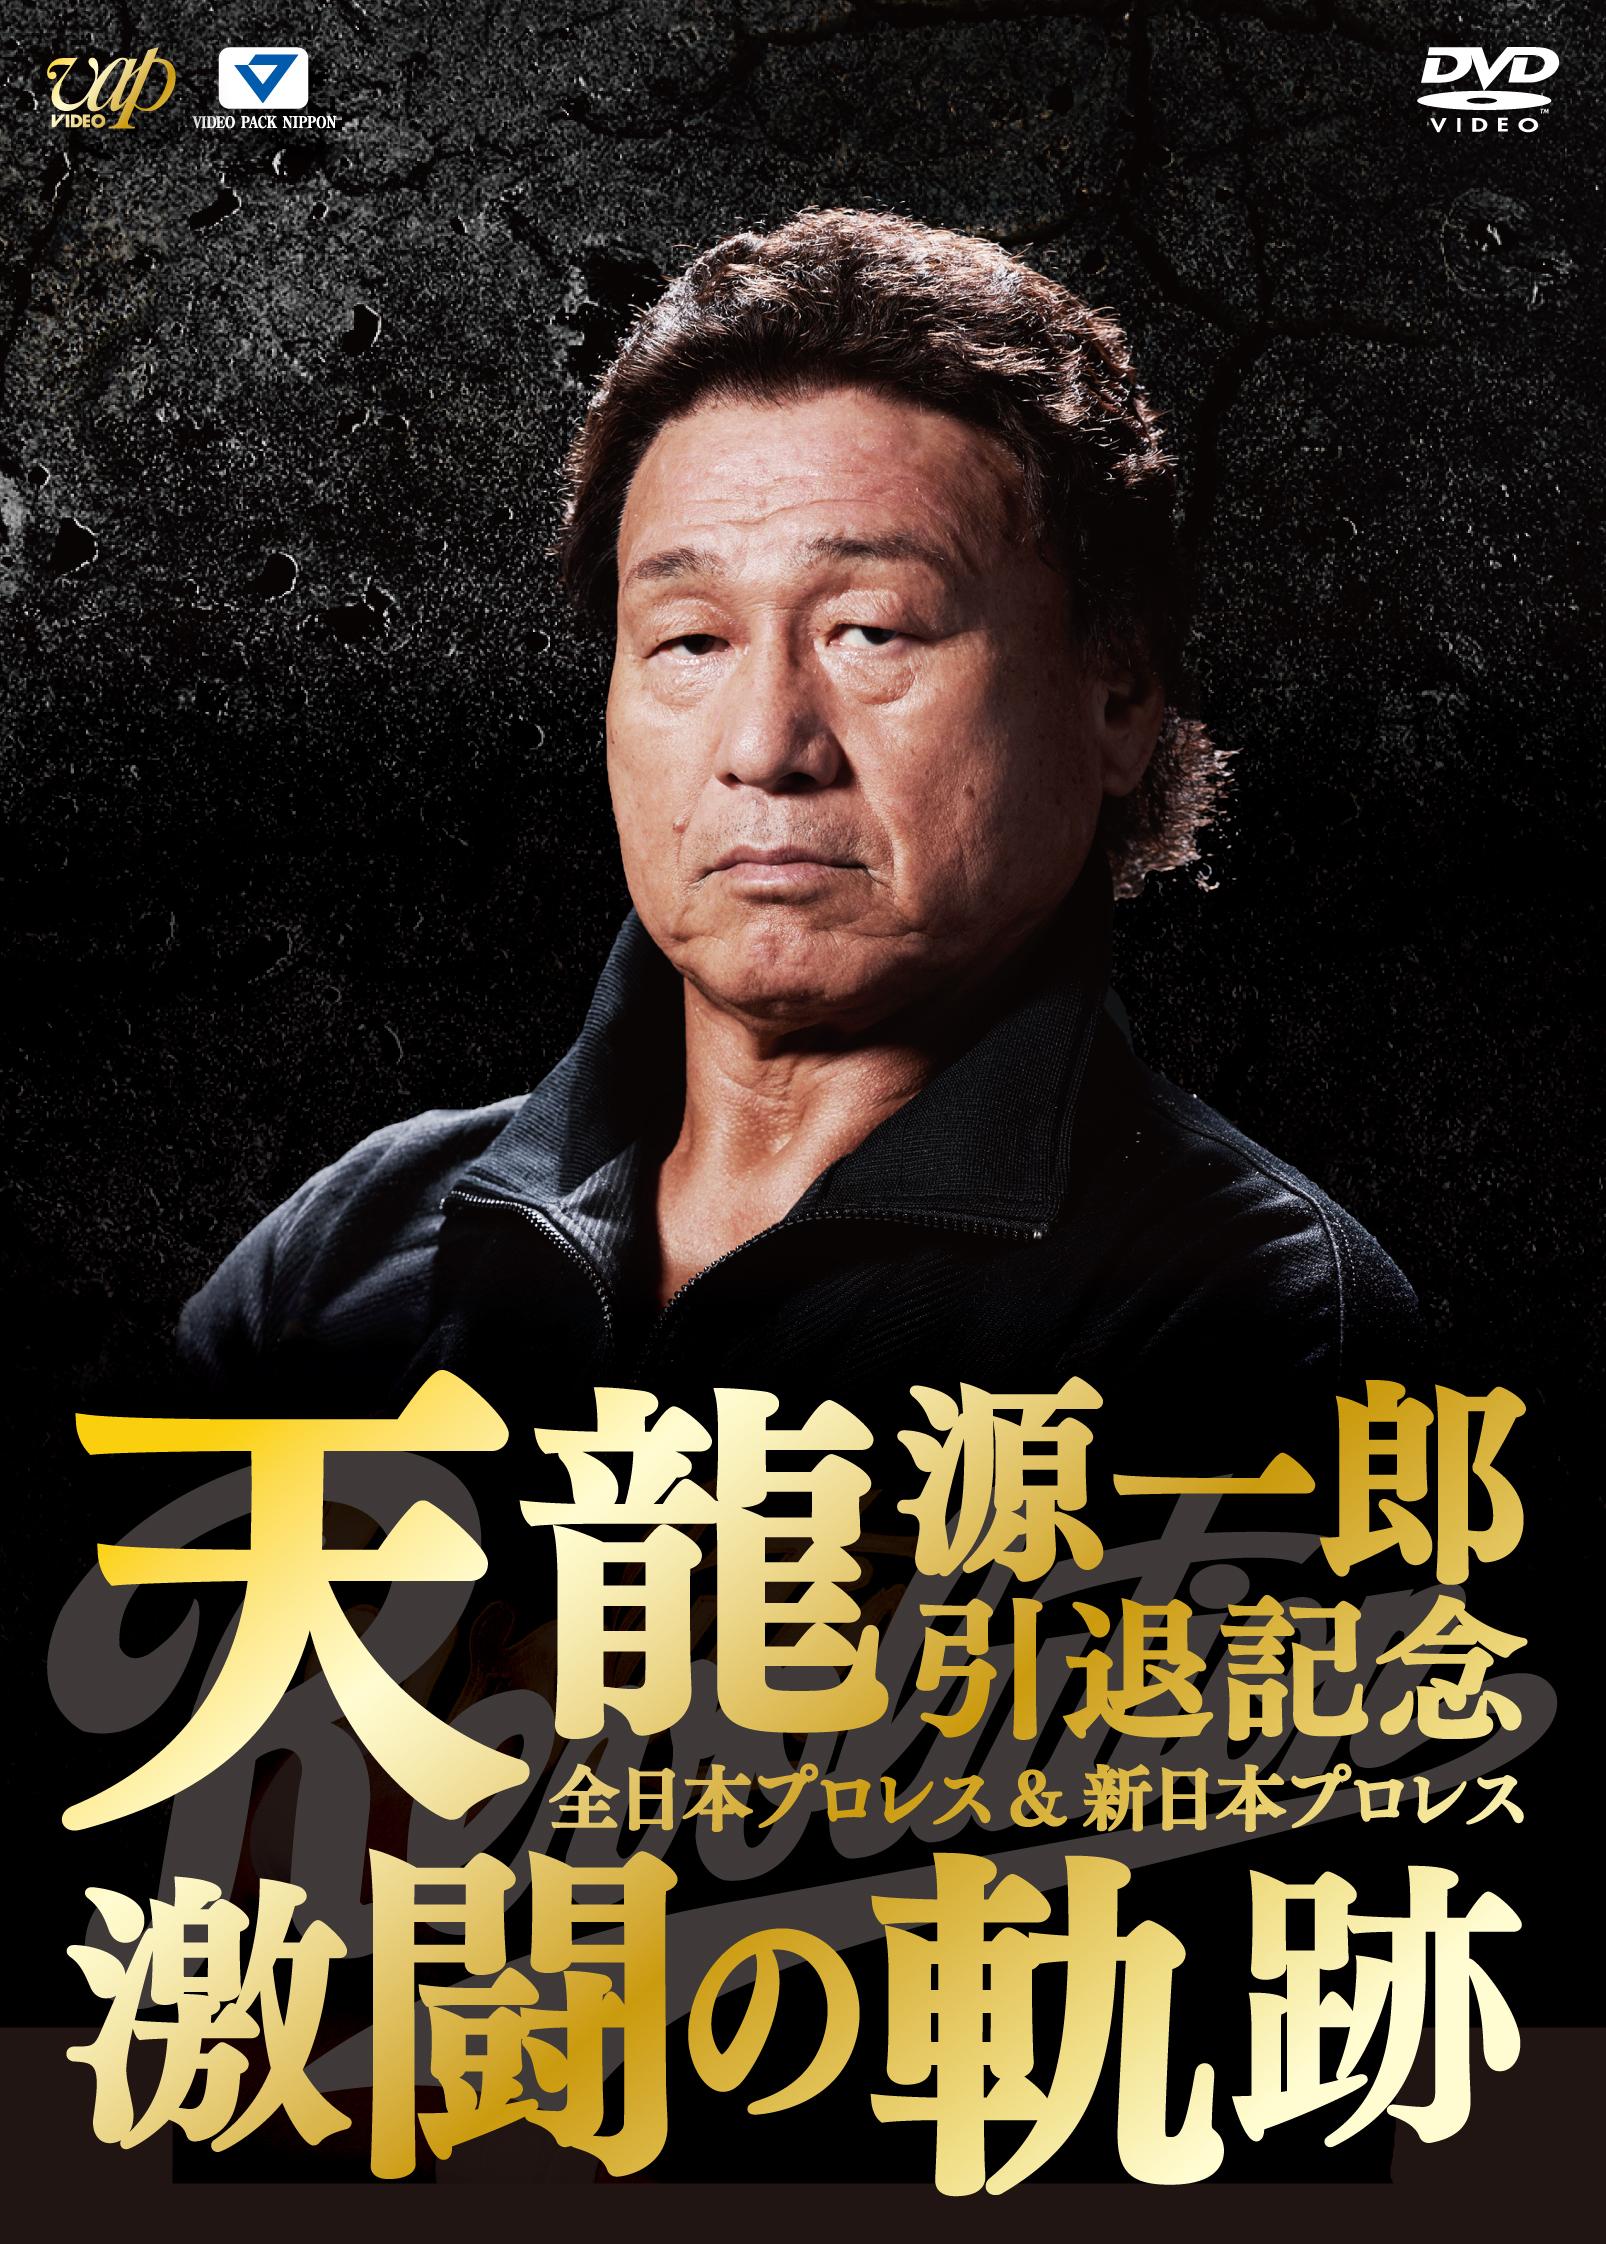 天龍源一郎引退記念 全日本プロレス&新日本プロレス激闘の軌跡